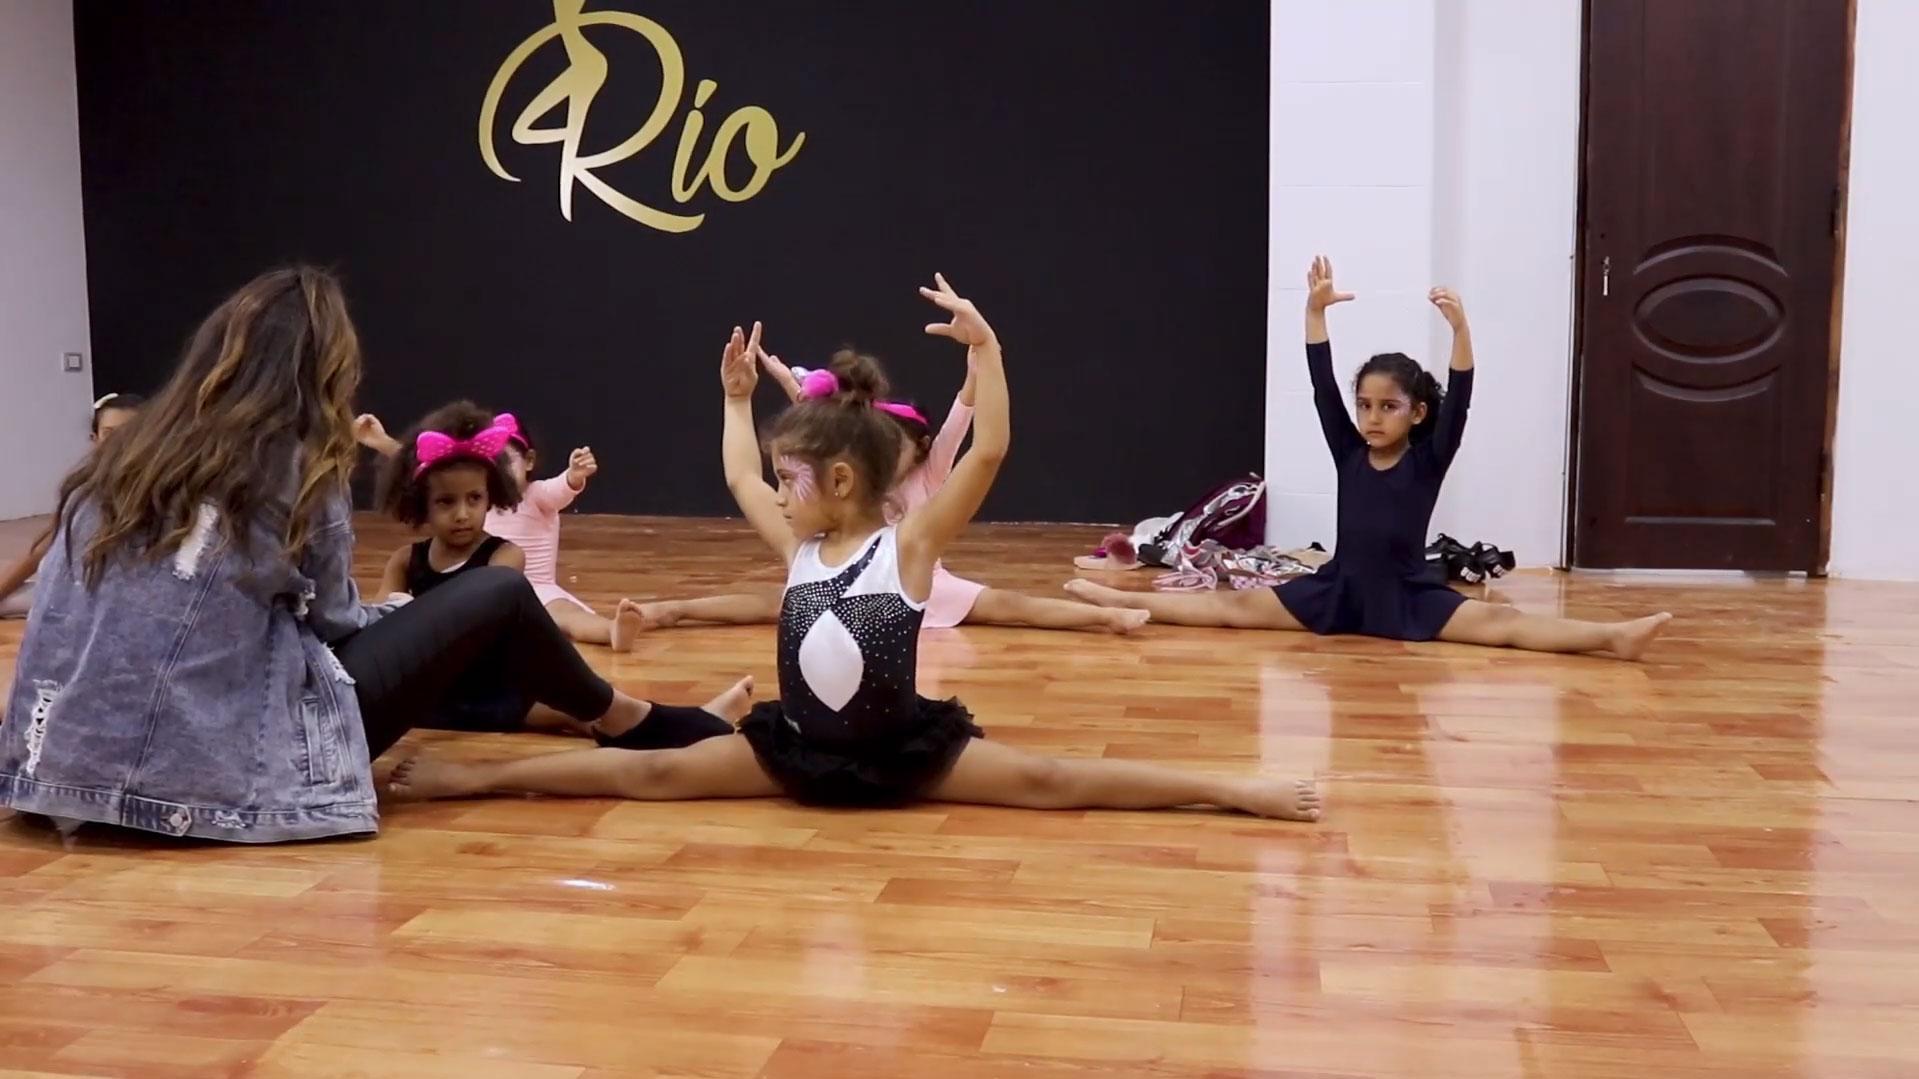 Rio Ballet Academy - إنتاج الفيديوهات -